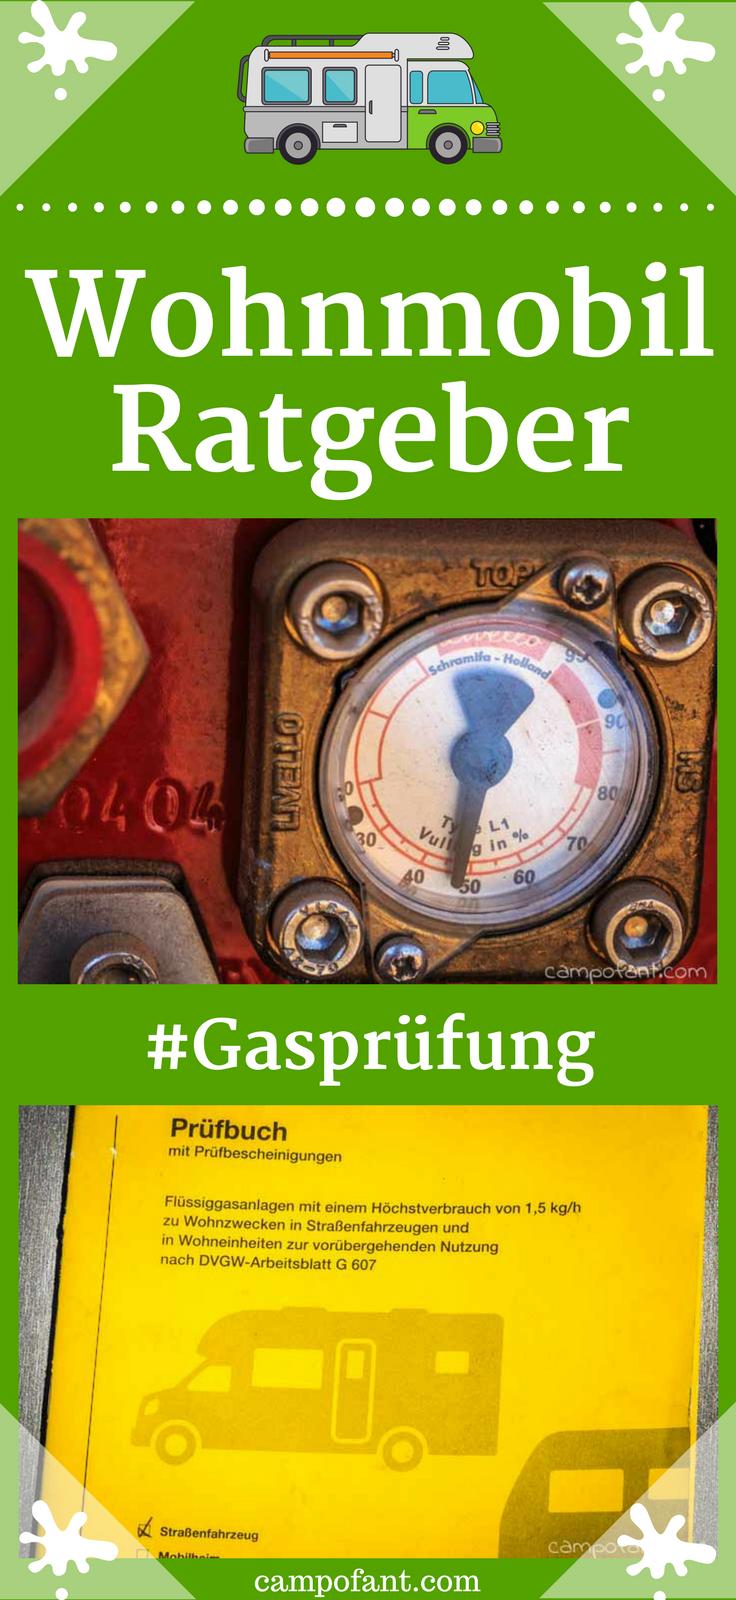 Update: Gasprüfung Wohnmobil und Wohnwagen, Pflicht? - Campofant